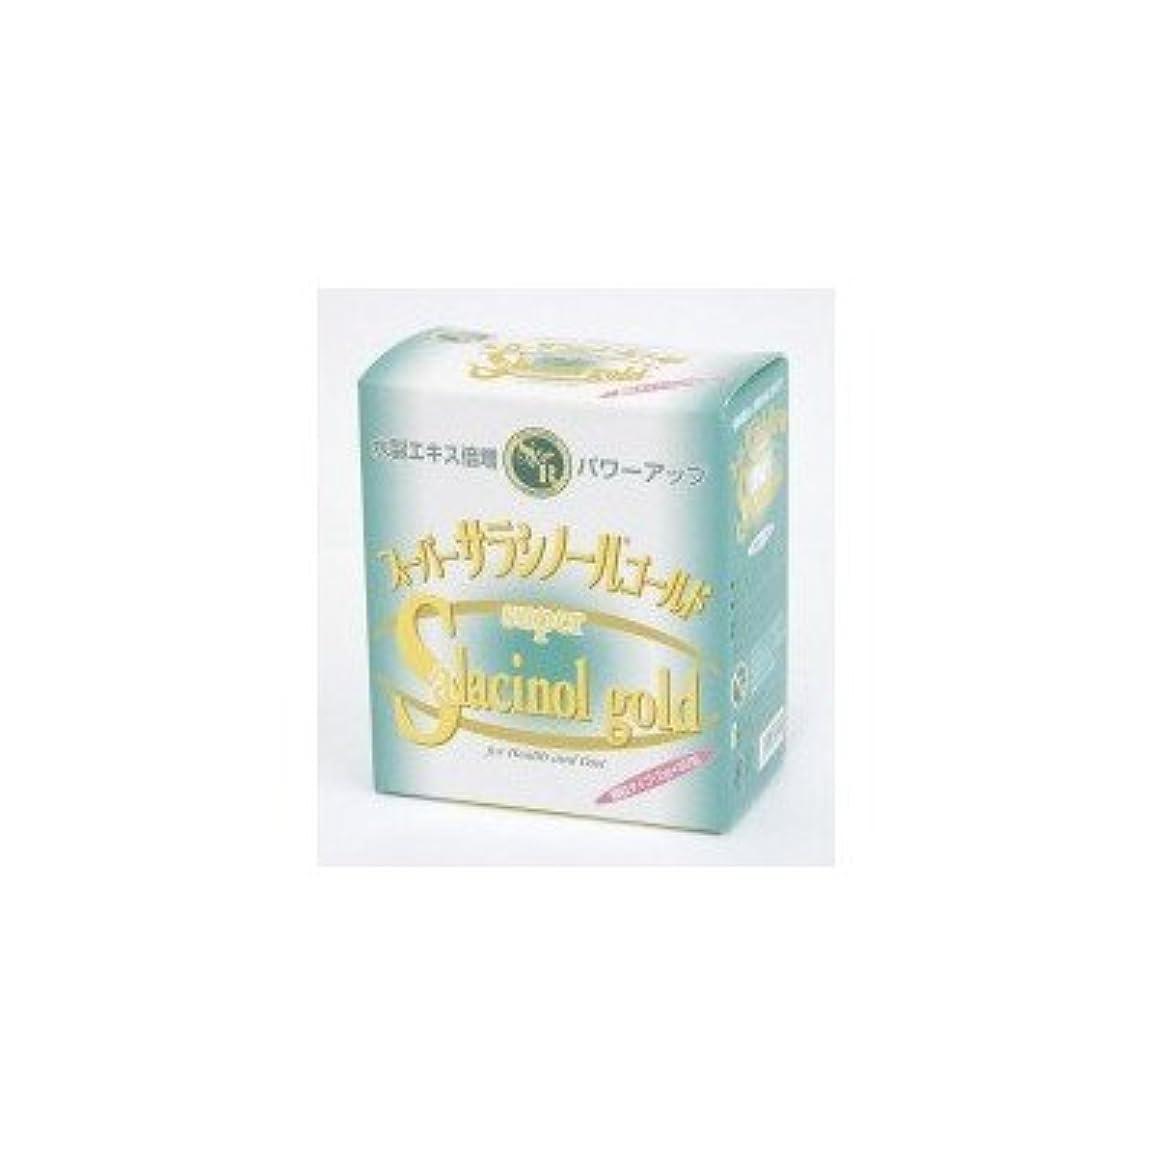 原子炉オープナー祝福するジャパンヘルス スーパーサラシノールゴールド 2g×30包